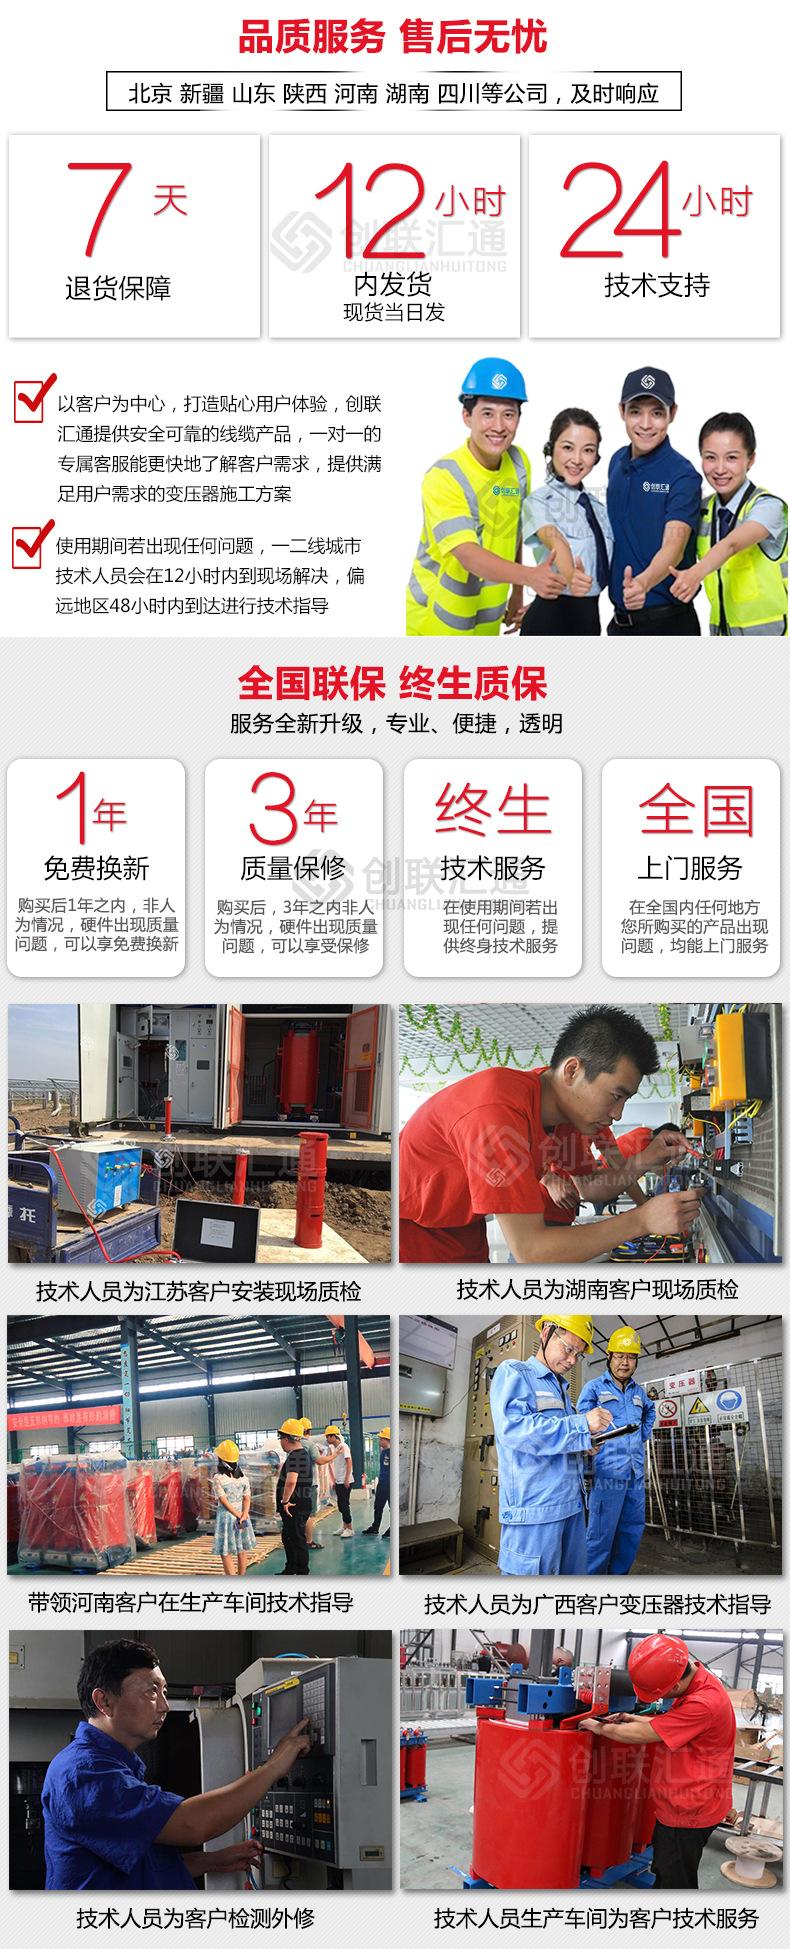 1250kva干式变压器 scb10系列电力变压器 价格优惠 品质优越示例图18